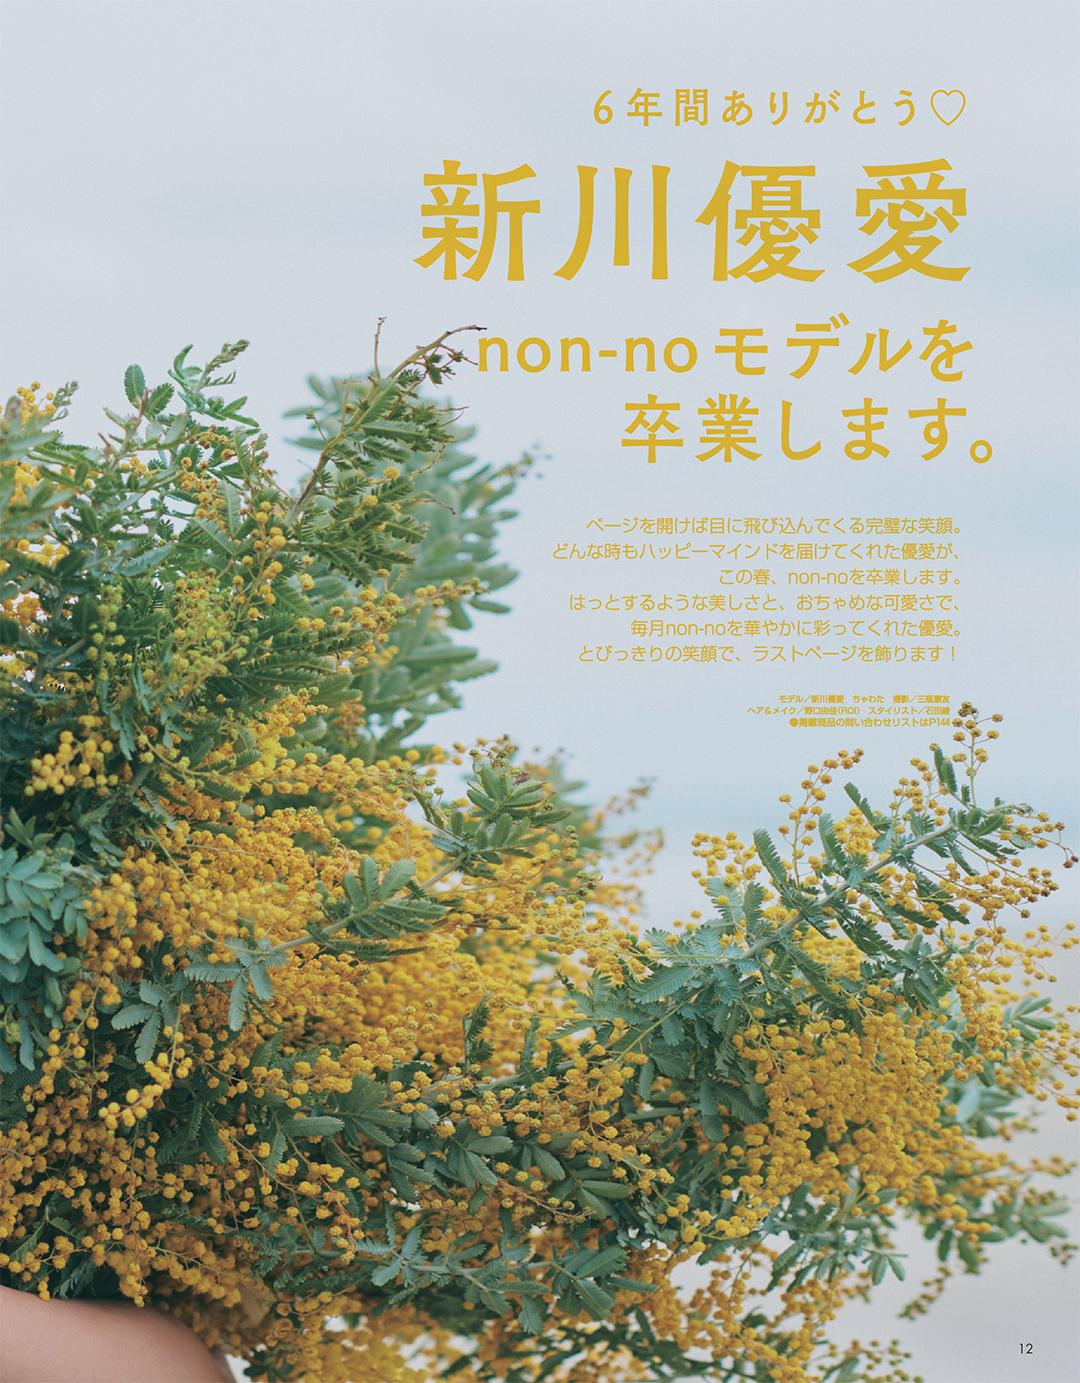 新川優愛 non-noモデルを卒業します。